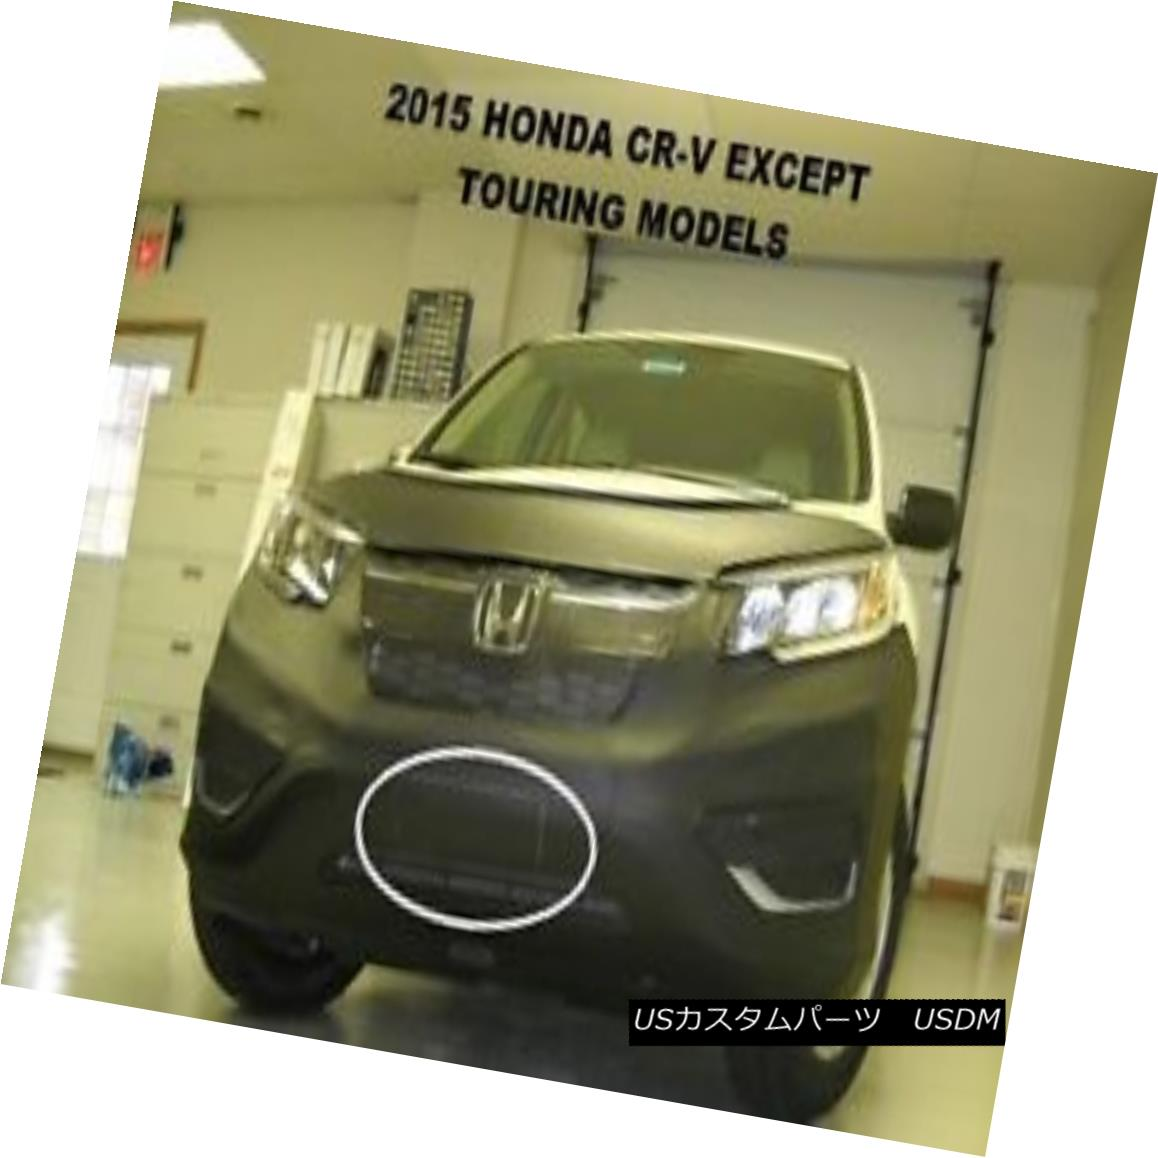 フルブラ ノーズブラ Lebra Front End Mask Cover Bra Fits 2015 15 HONDA CR-V ExcludesTouring Lebraフロントエンドマスクカバーブラ2015 15 HONDA CR-V除外トレイン g